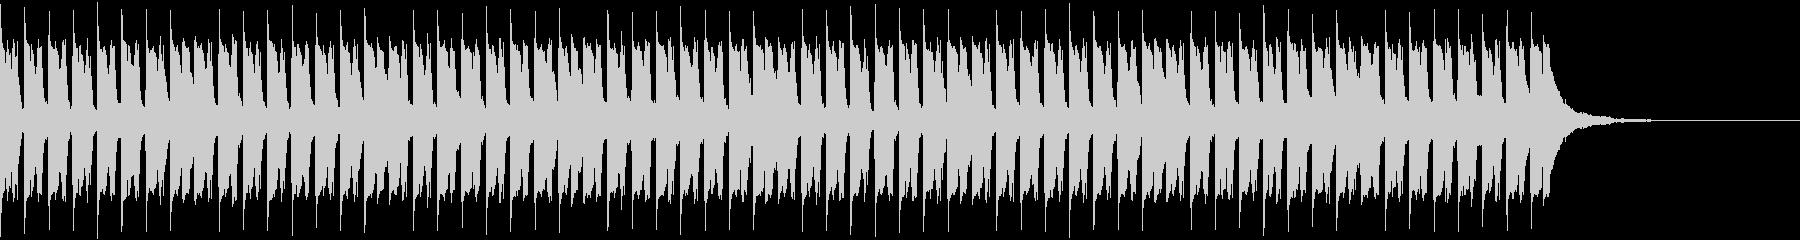 トランスビートとシンプルなシーケンスの未再生の波形